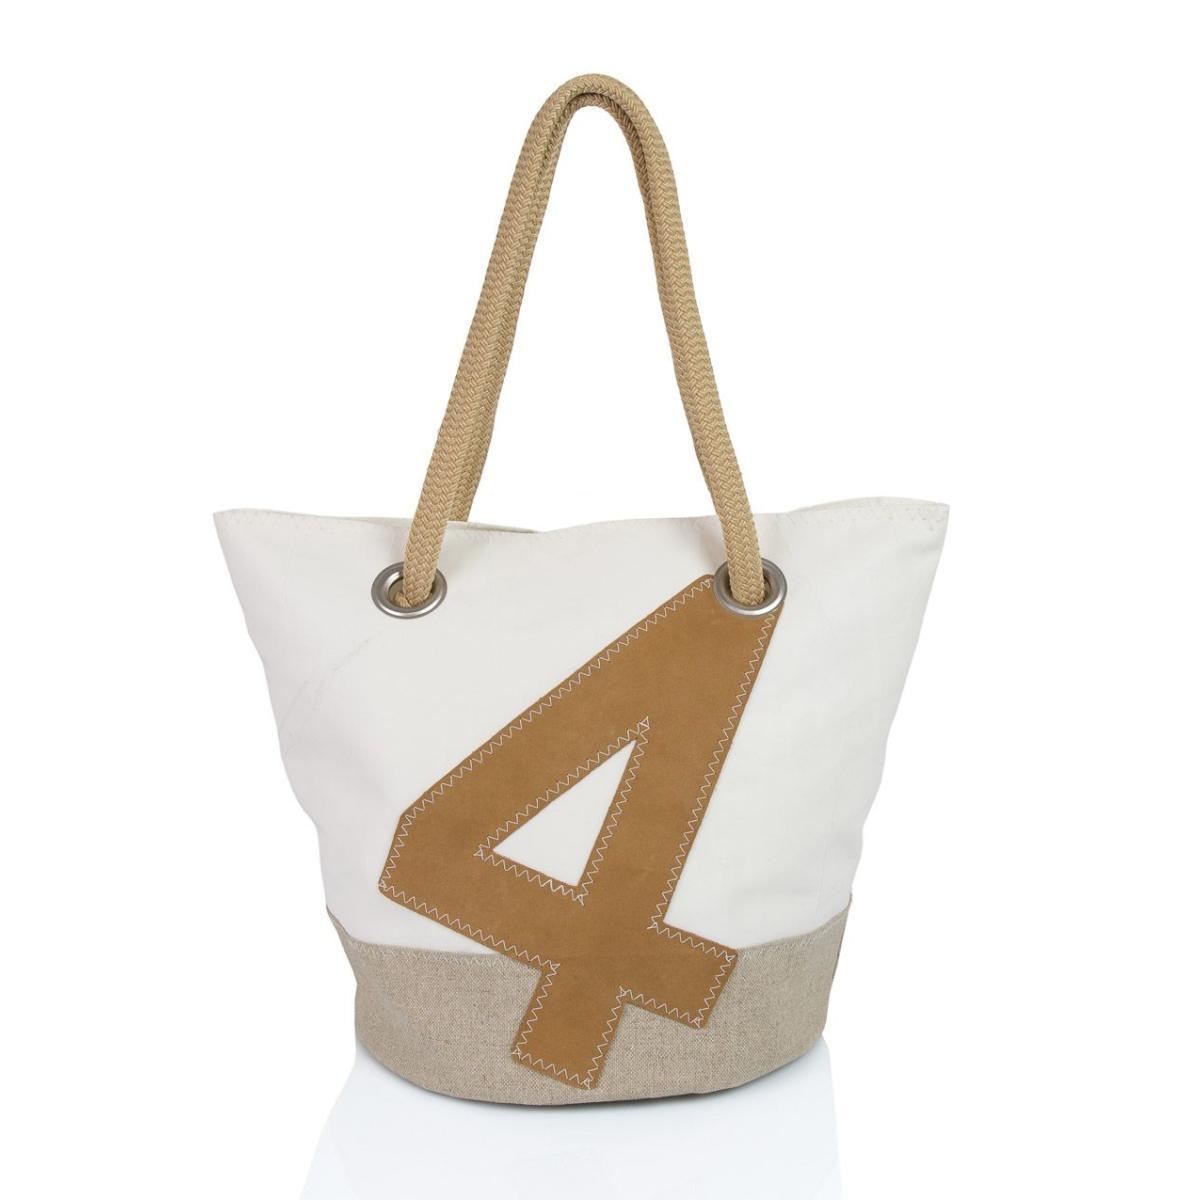 Sandy Tasche Leinen und Leder mit Nummer 4 Leder